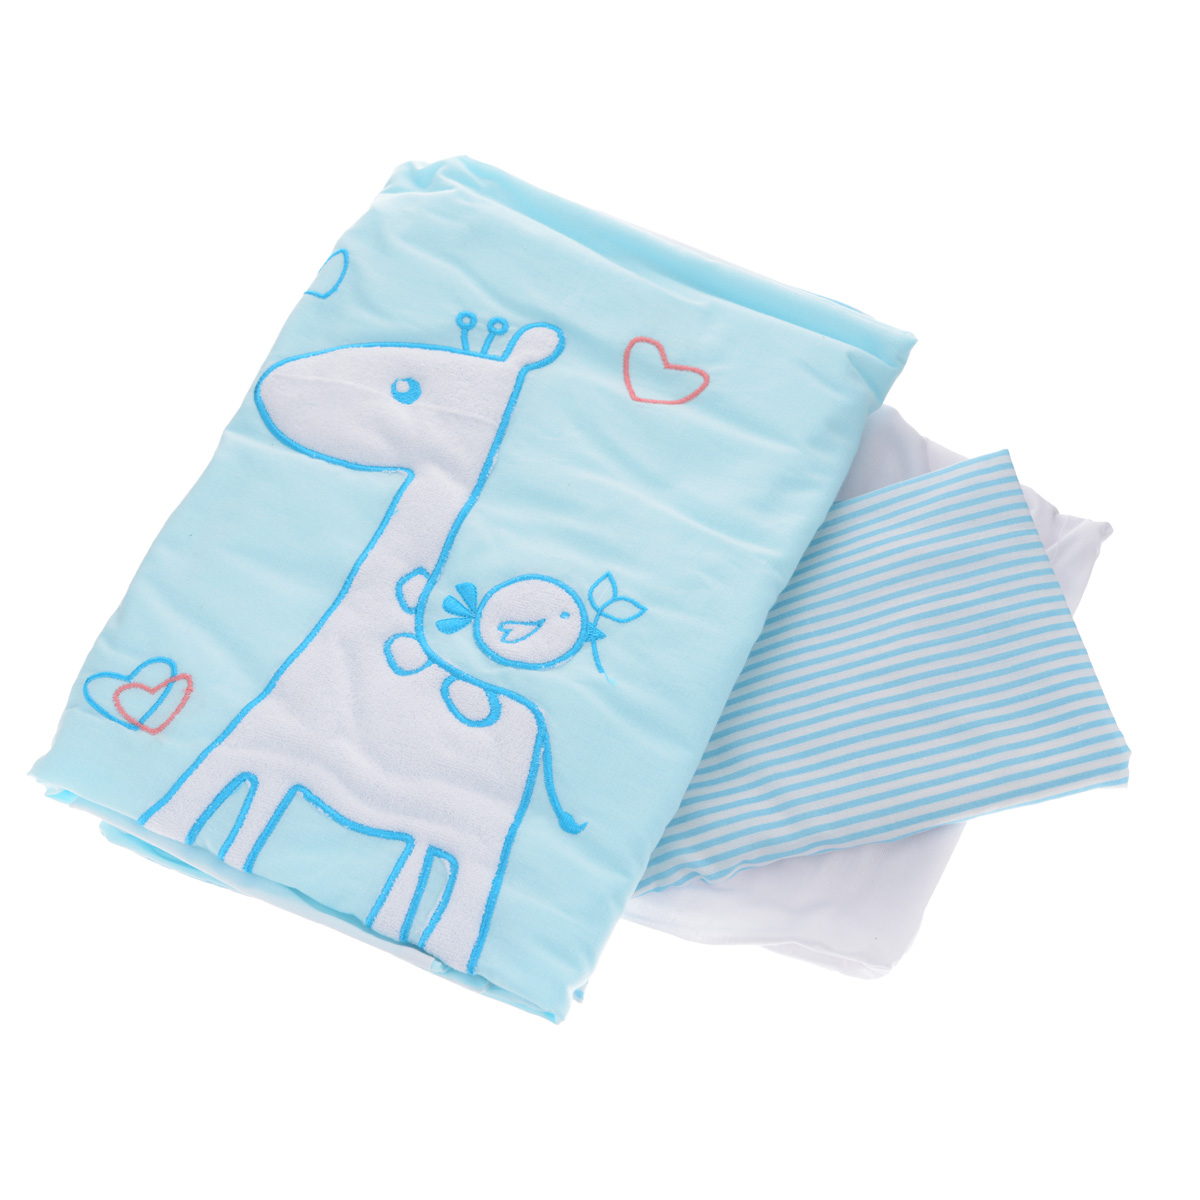 Комплект детского постельного белья Fairy Жирафик, цвет: голубой, 3 предмета постельное белье fairy жирафик 140х70 3 предмета